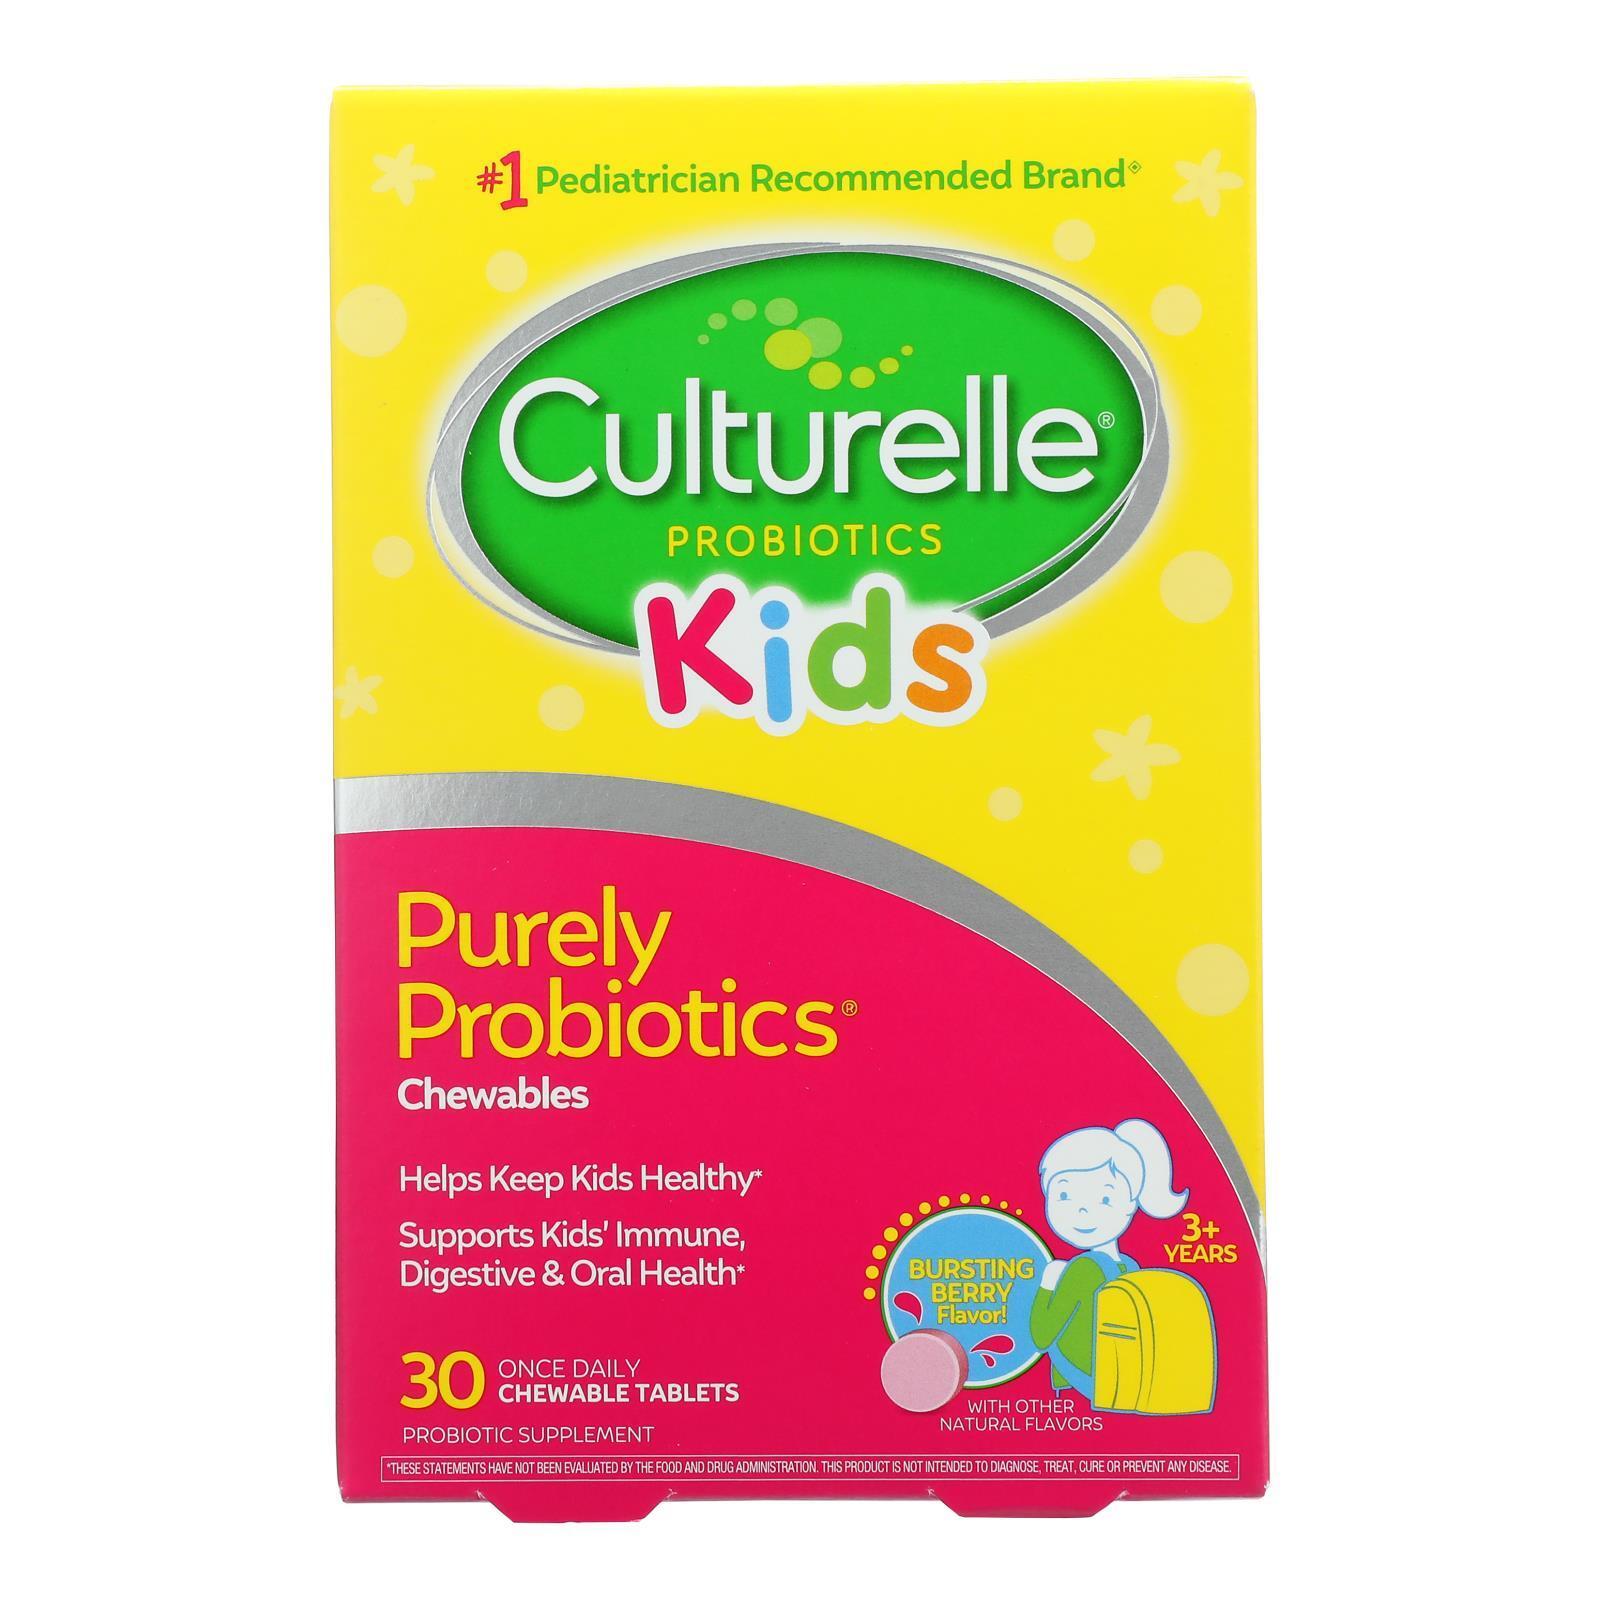 Culturelle Kids Chewables Probiotic Natural Bursting Berry - 30 Chewable Tablets